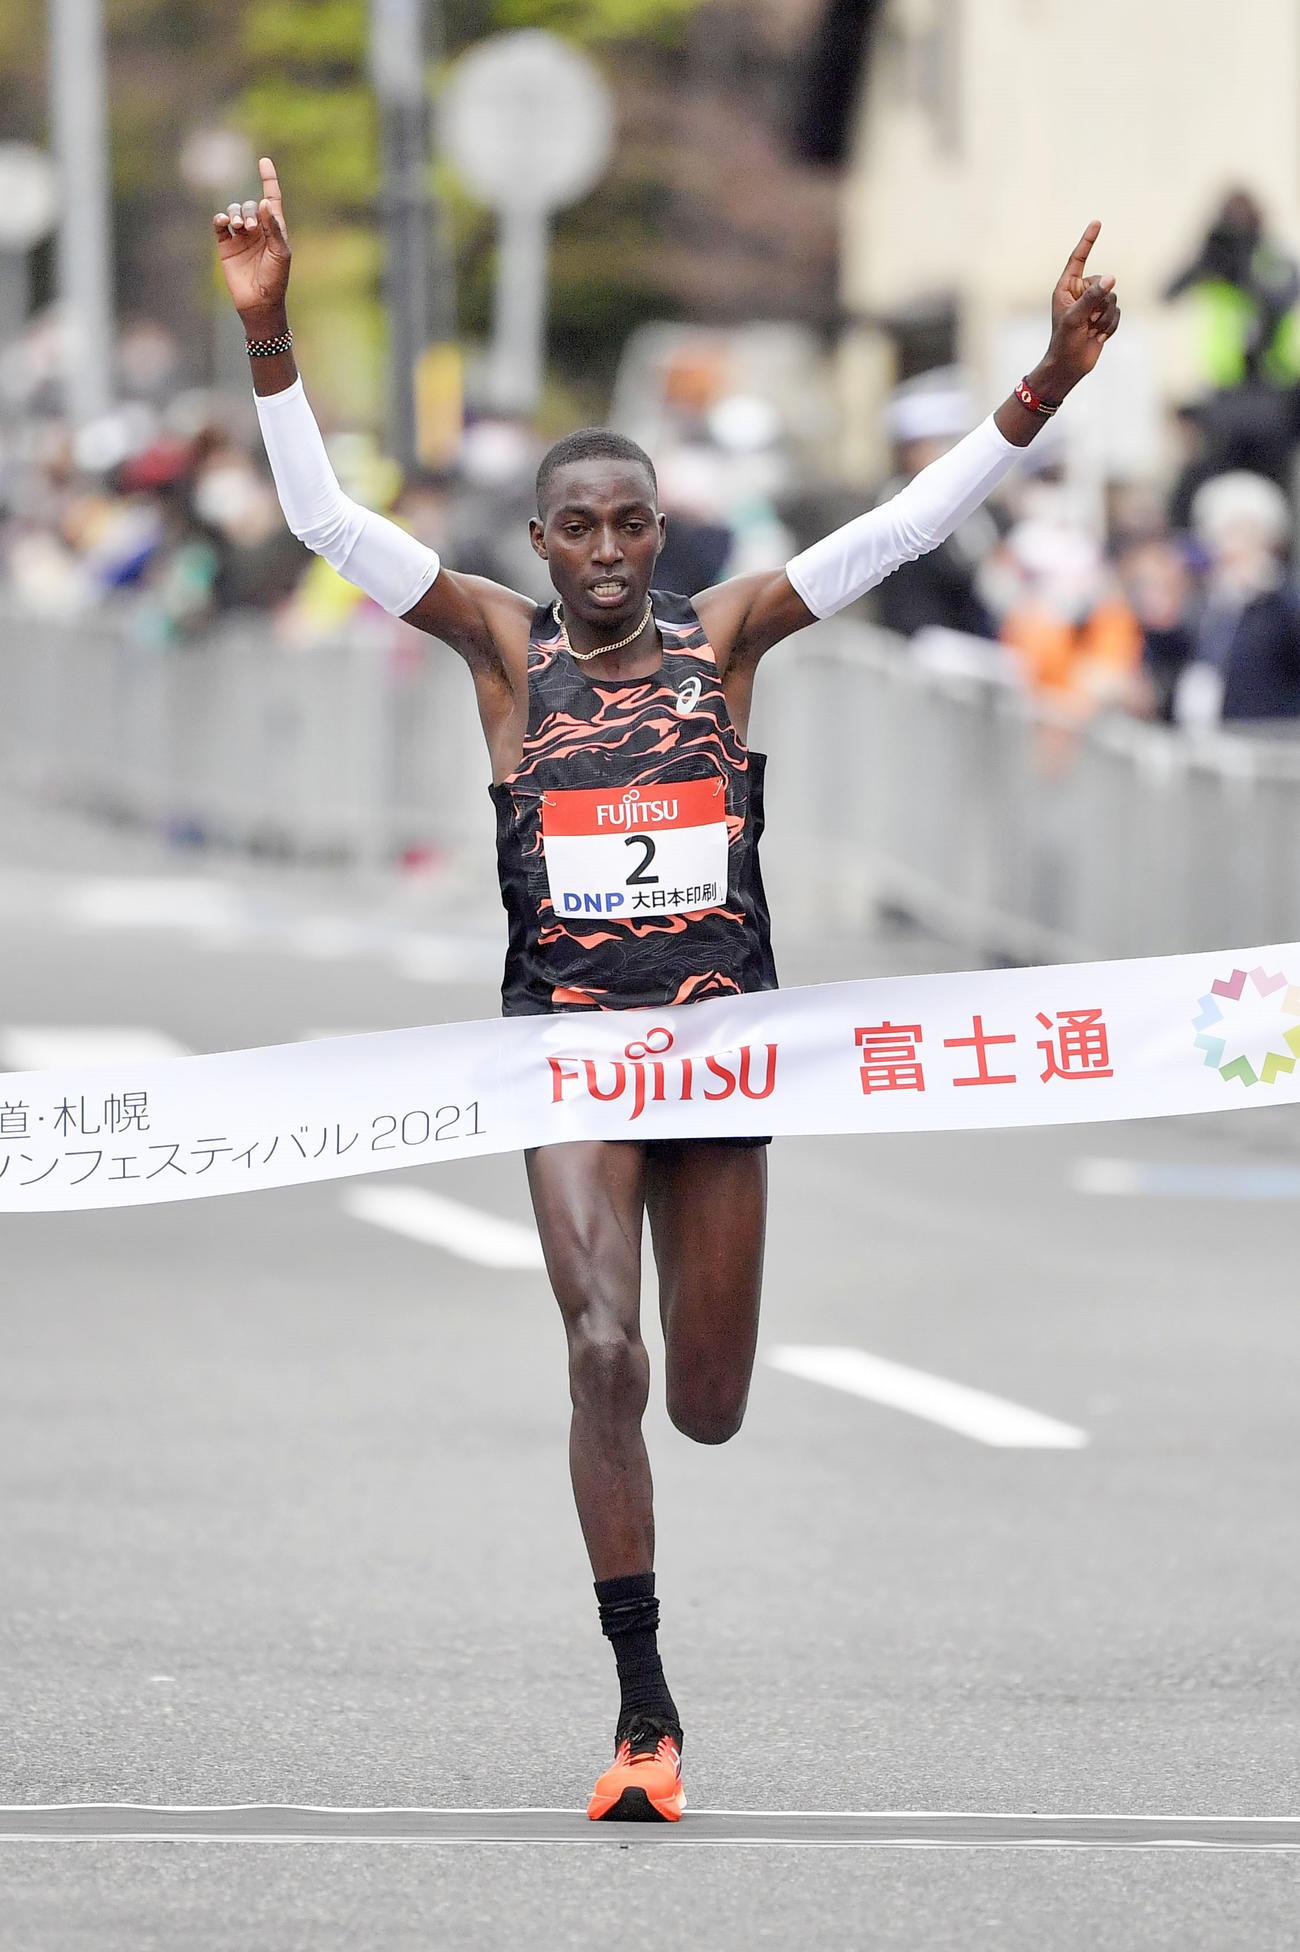 東京五輪のテスト大会となる「札幌チャレンジハーフマラソン」の男子で、1時間0分46秒で優勝したキプコエチ(代表撮影)